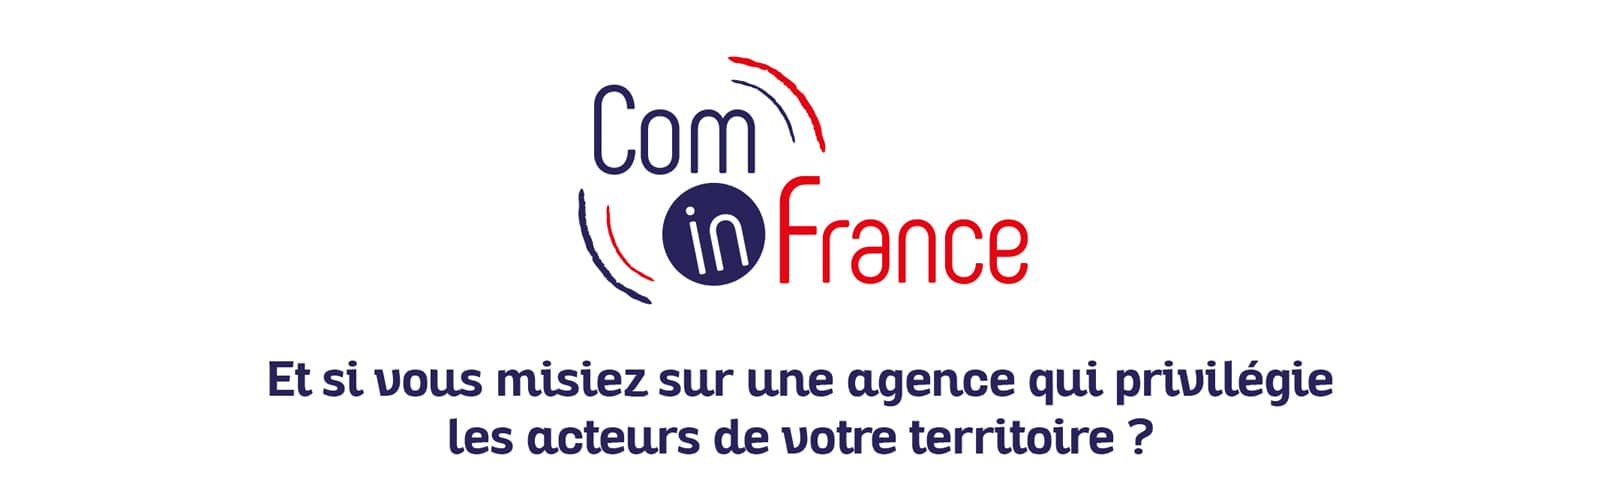 Com in France Choisir une agence qui fait travailler les acteurs locaux lorsqu'elle doit s'appuyer sur des partenaires pour la mise en oeuvre de ses projets : impression, événementiel....